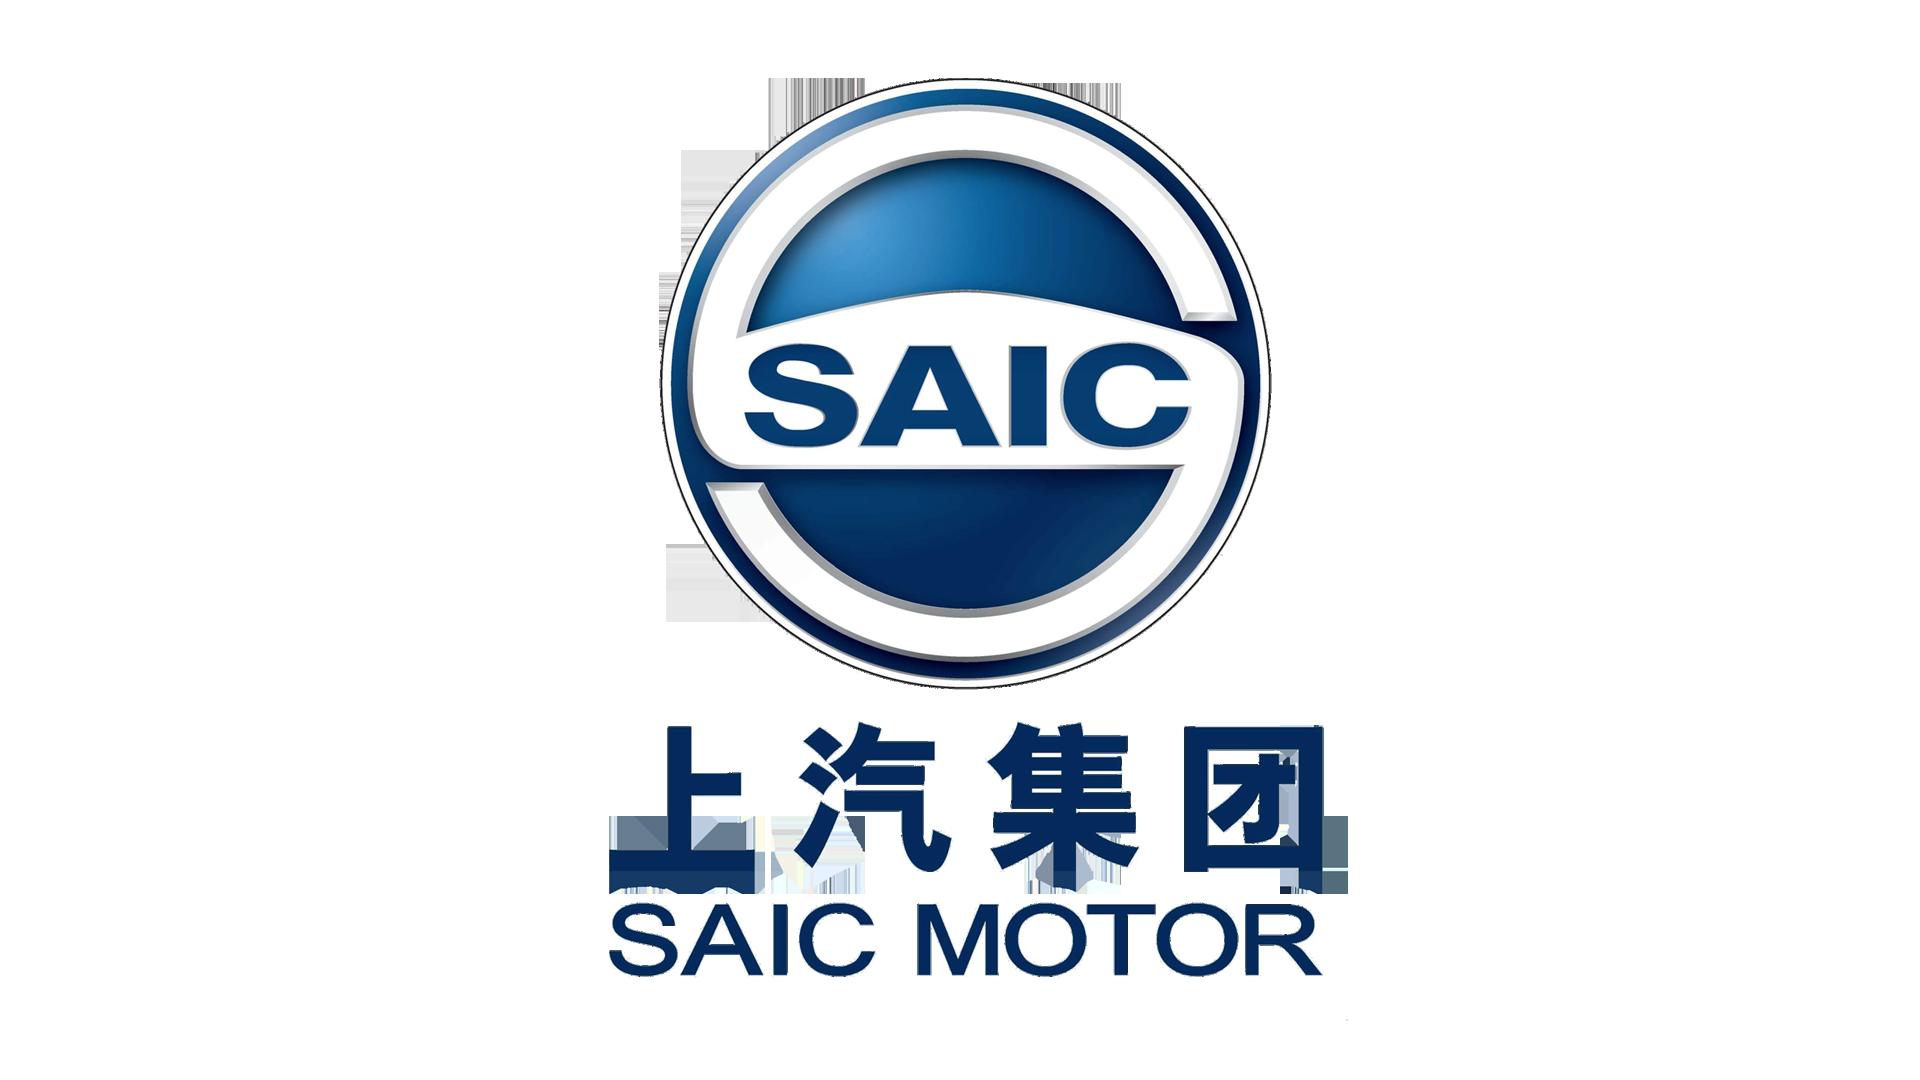 SAIC's logo